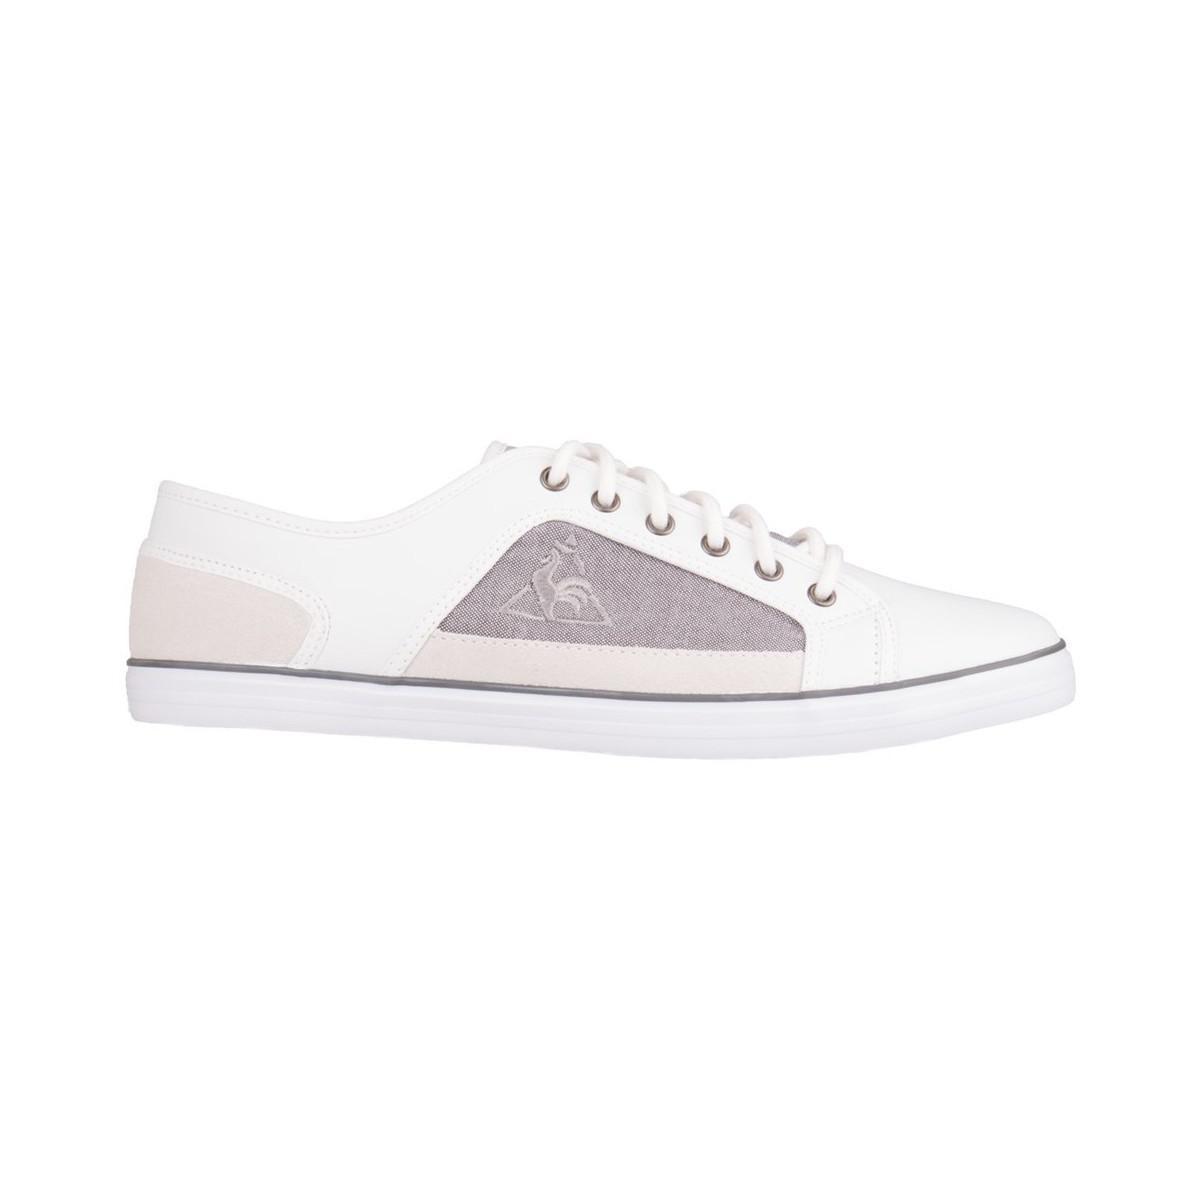 96b3bdff23fc Le Coq Sportif Milons Lea 2 Tones Men s Shoes (trainers) In White in ...